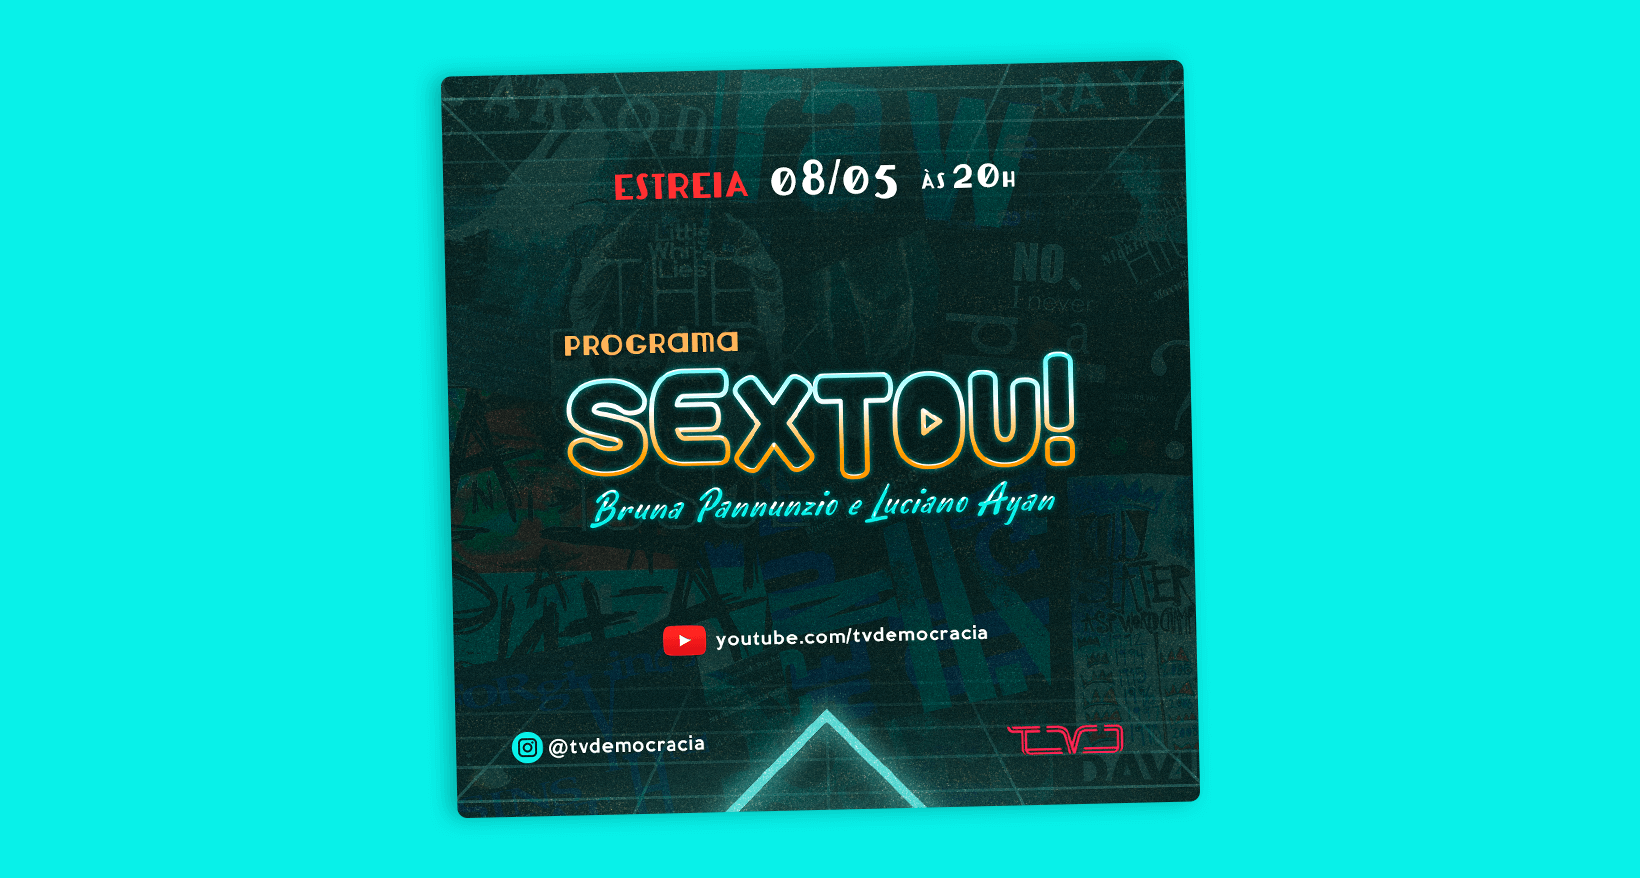 Programa SEXTOU!